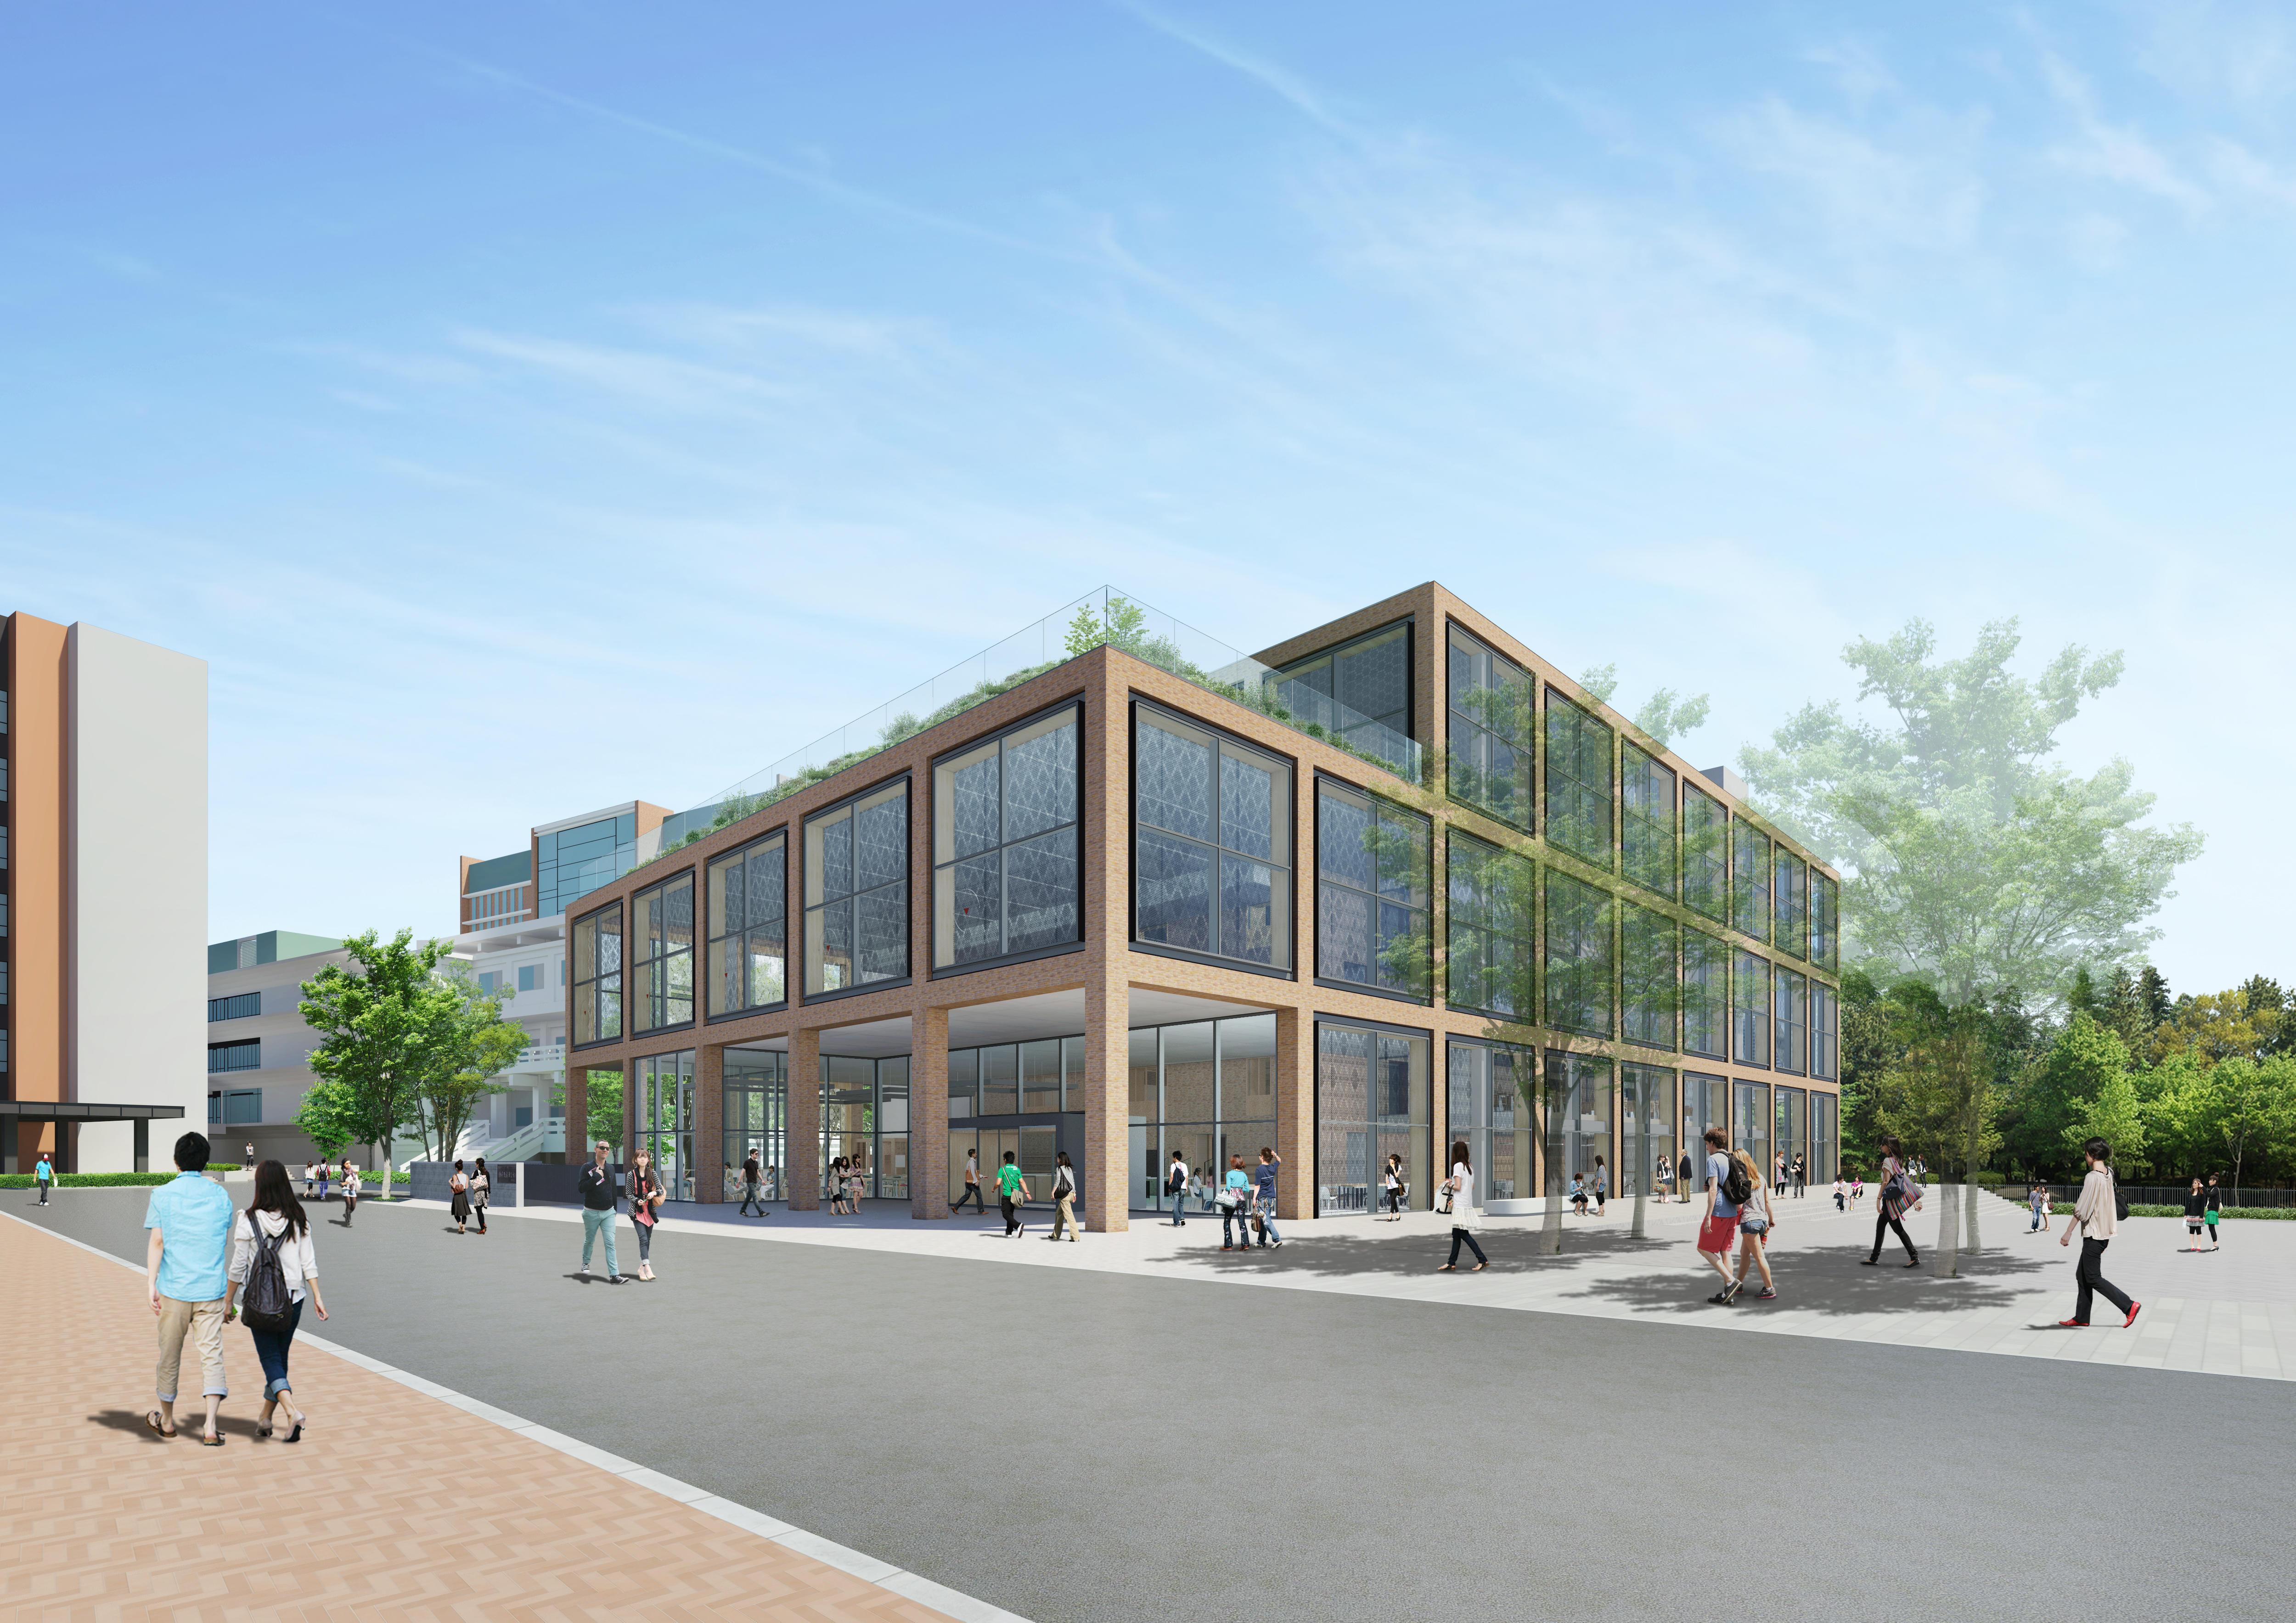 駒澤大学が新図書館建設のために地鎮式を実施 -- 2022年10月開館予定